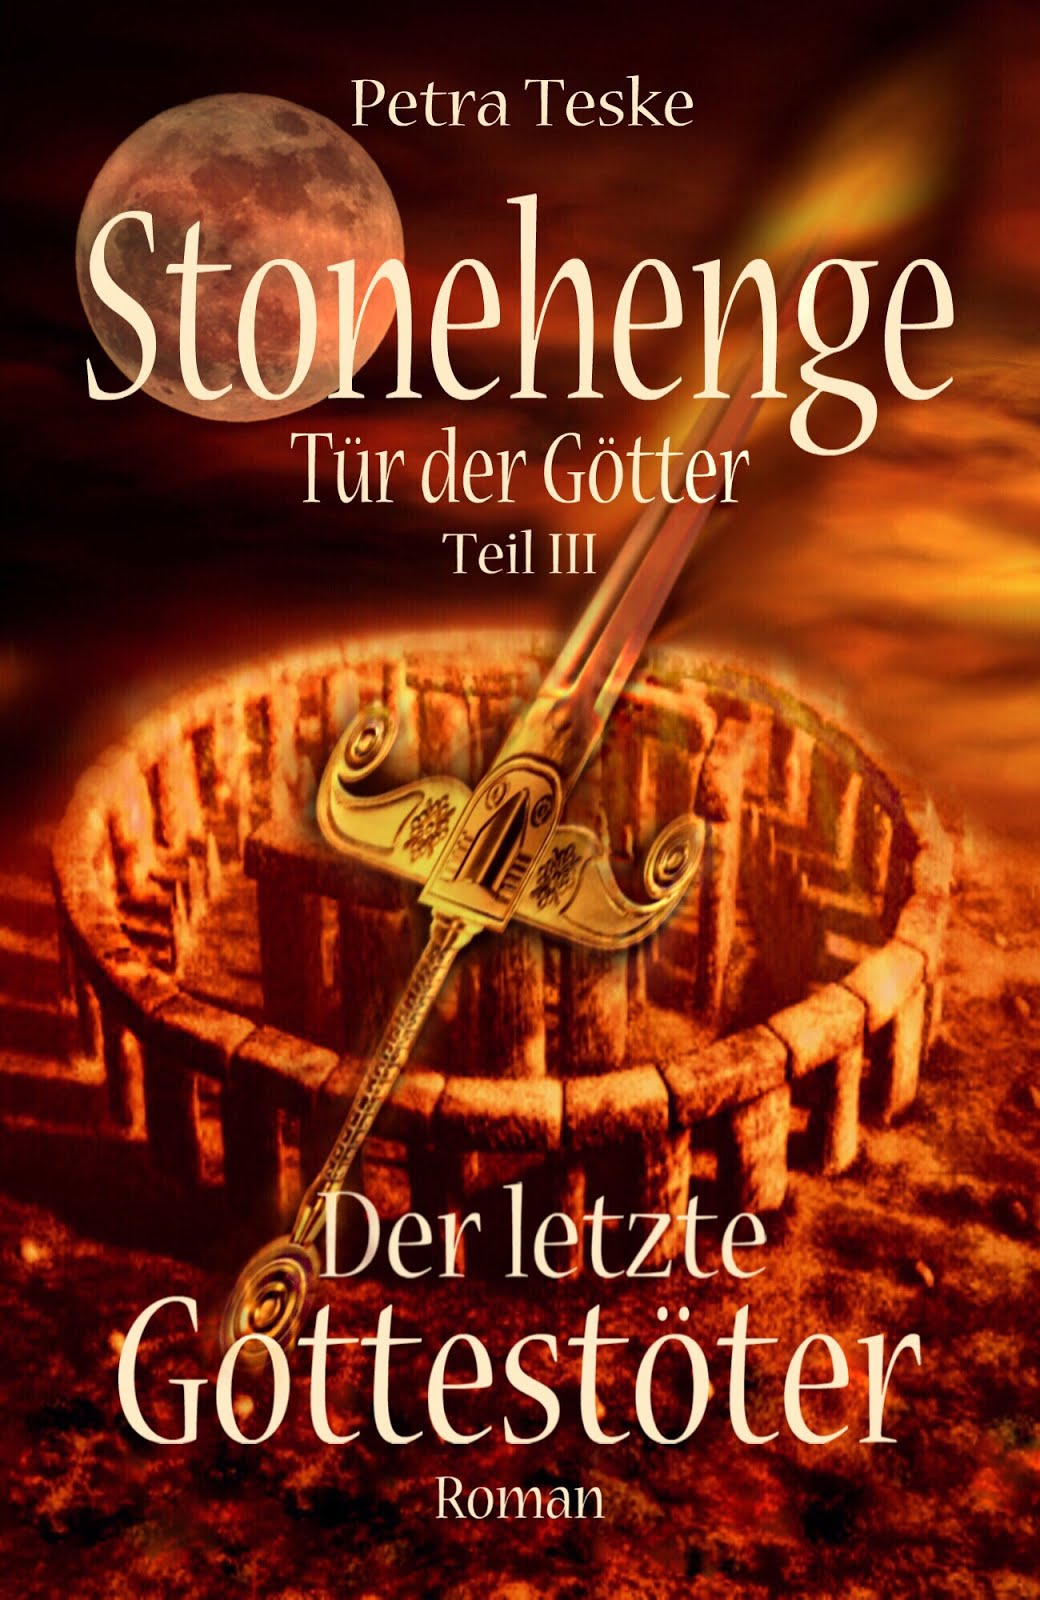 Stonehenge Tür der Götter Teil III: Der letzte Gottestöter